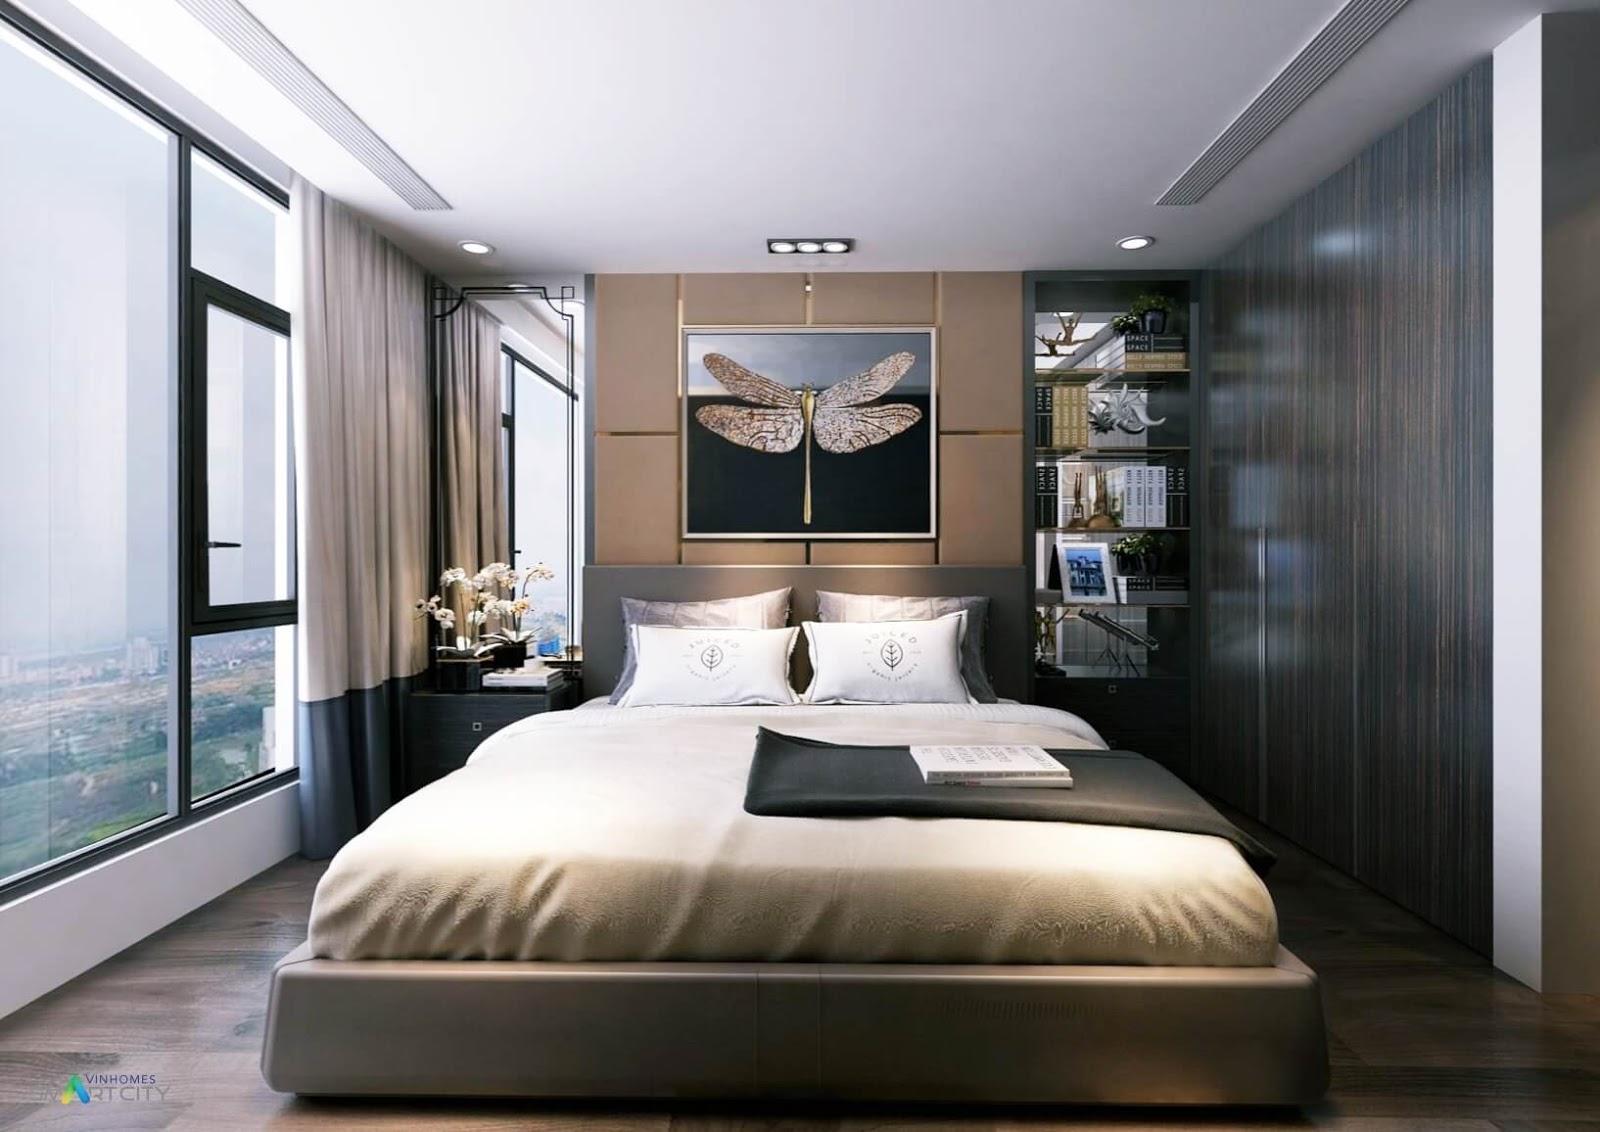 Nội thất phòng ngủ chung cư Vinhomes Smart City